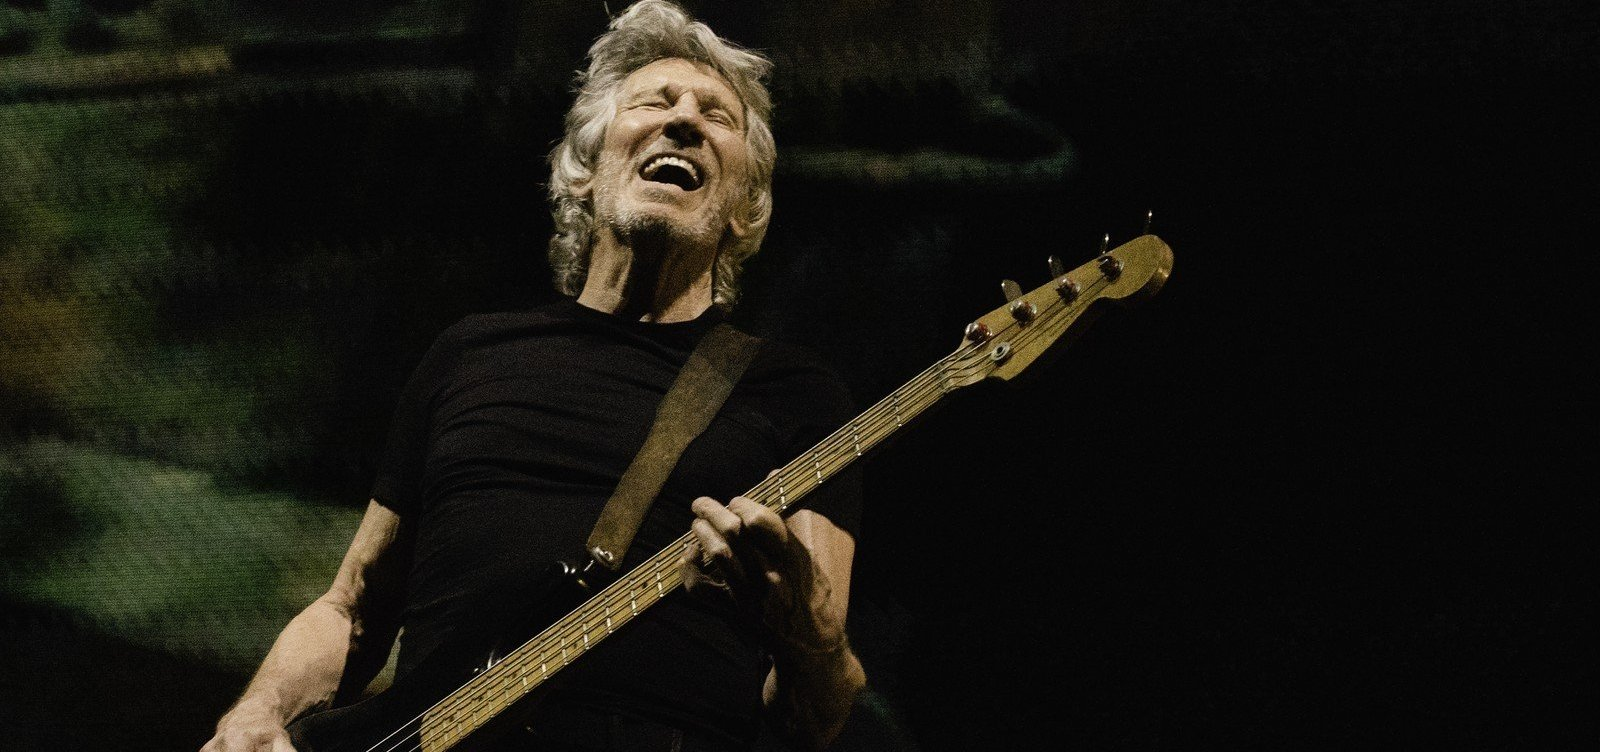 [Turnê de Roger Waters, que passa por Salvador, começa hoje ]